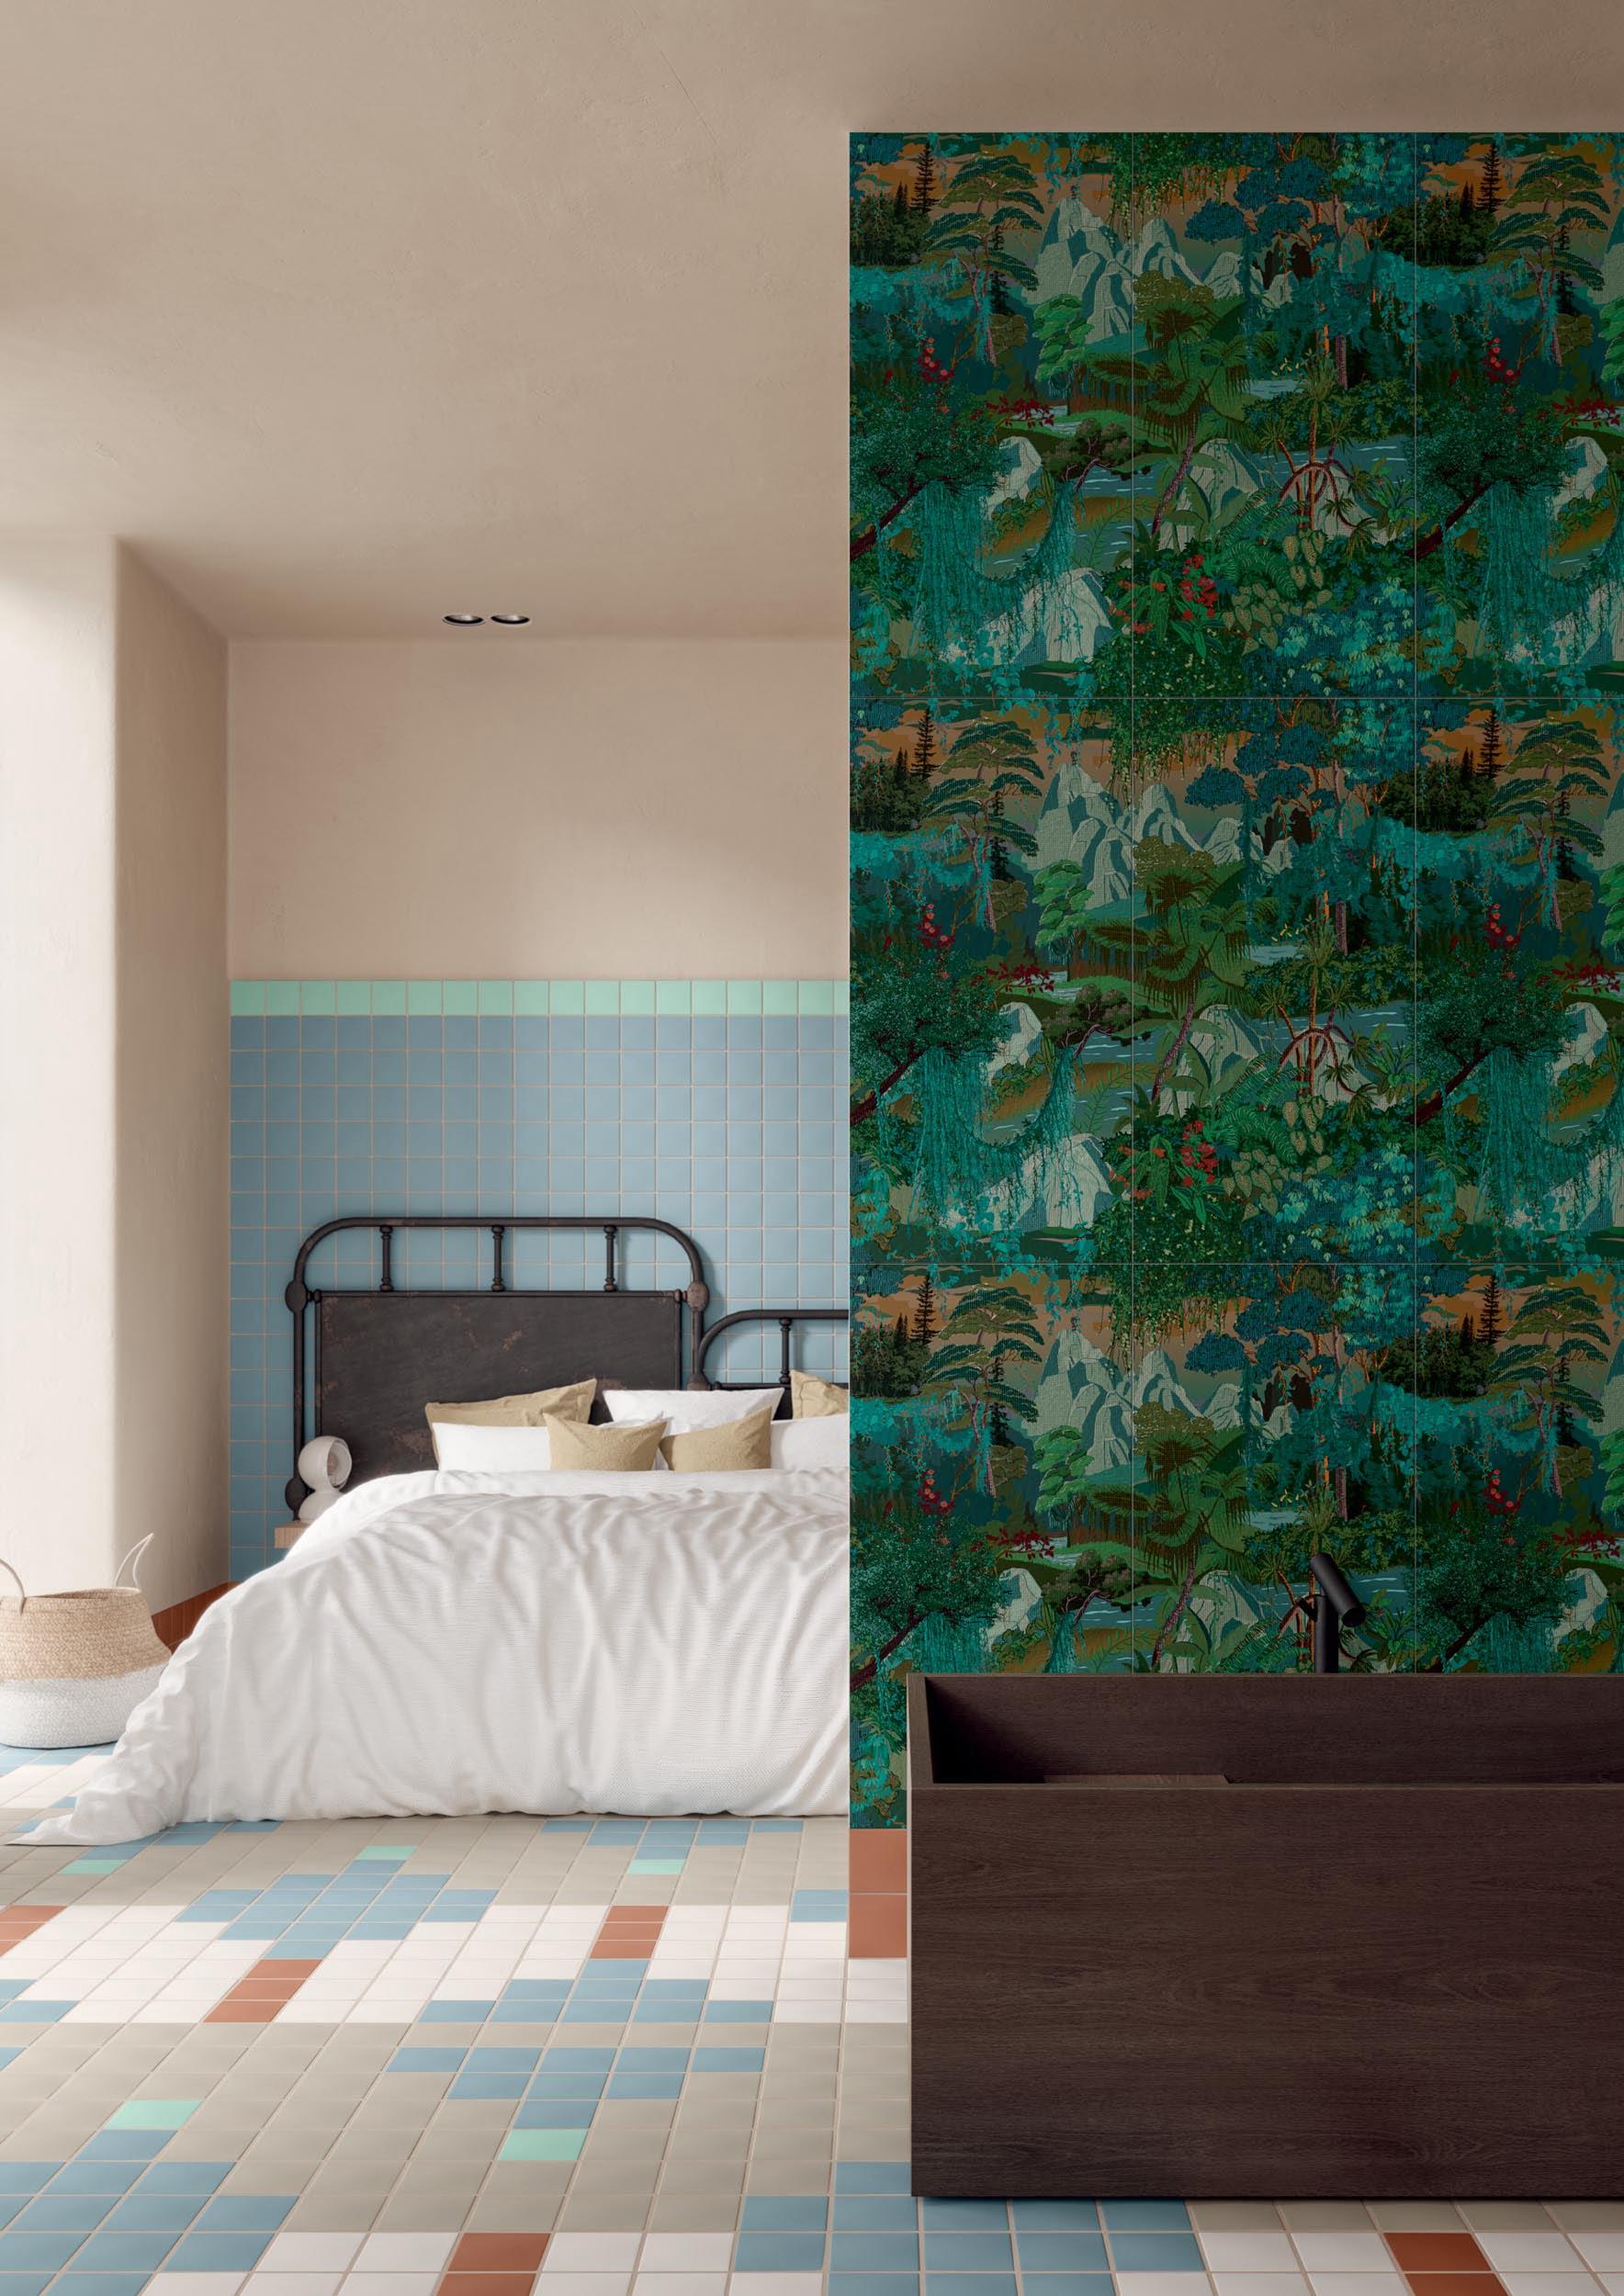 """Wall Paper41 Up Diana 50x100 20""""x40"""" / Pixel41 32/41 - Floor Pixel41 13/21/23/32/41 11,55x11,55 5""""x5"""""""